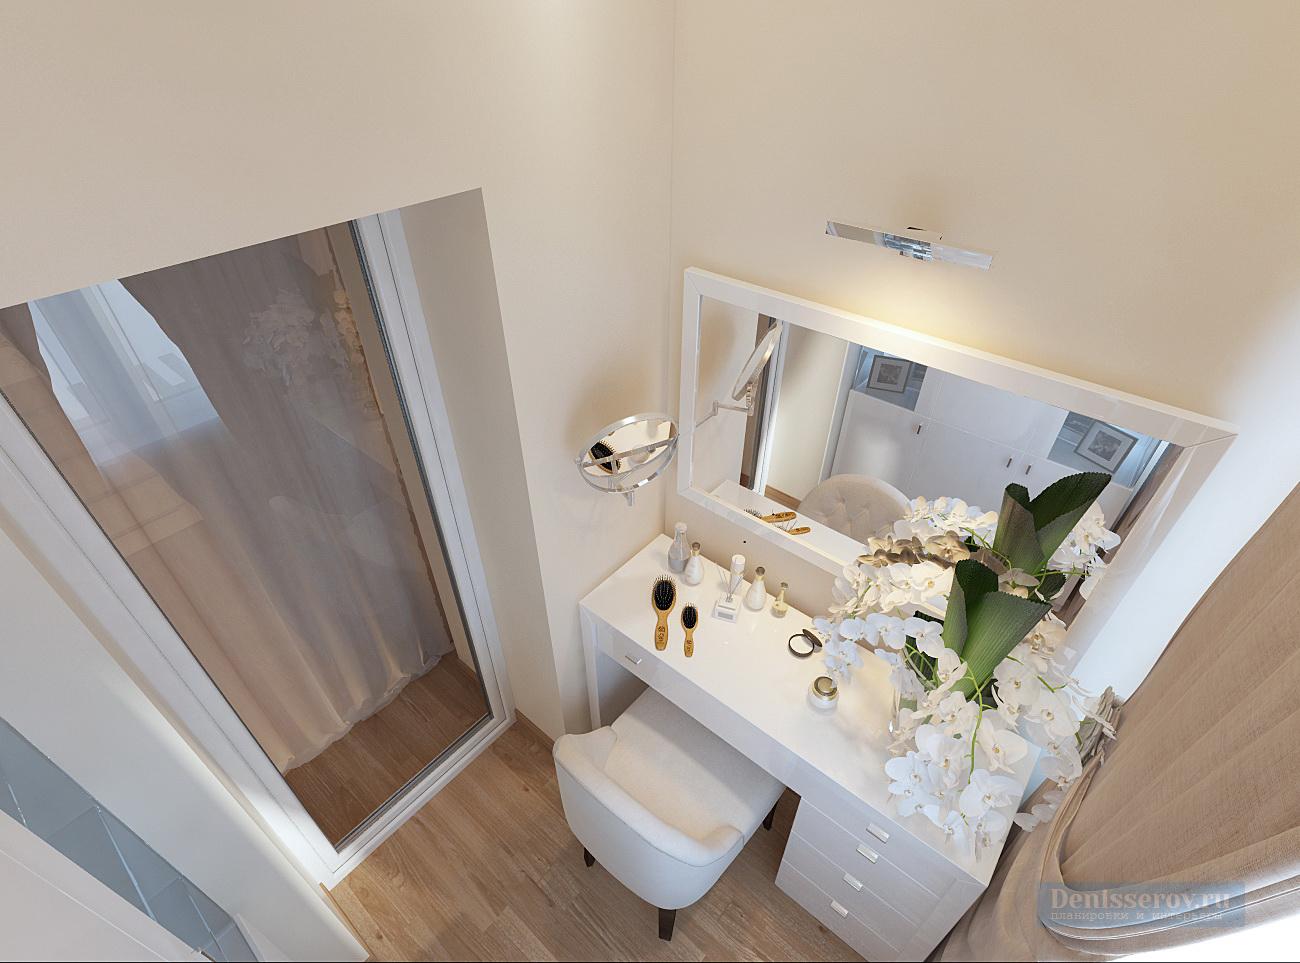 Спальни photos: место для туалетного столика в хозяйской спа.